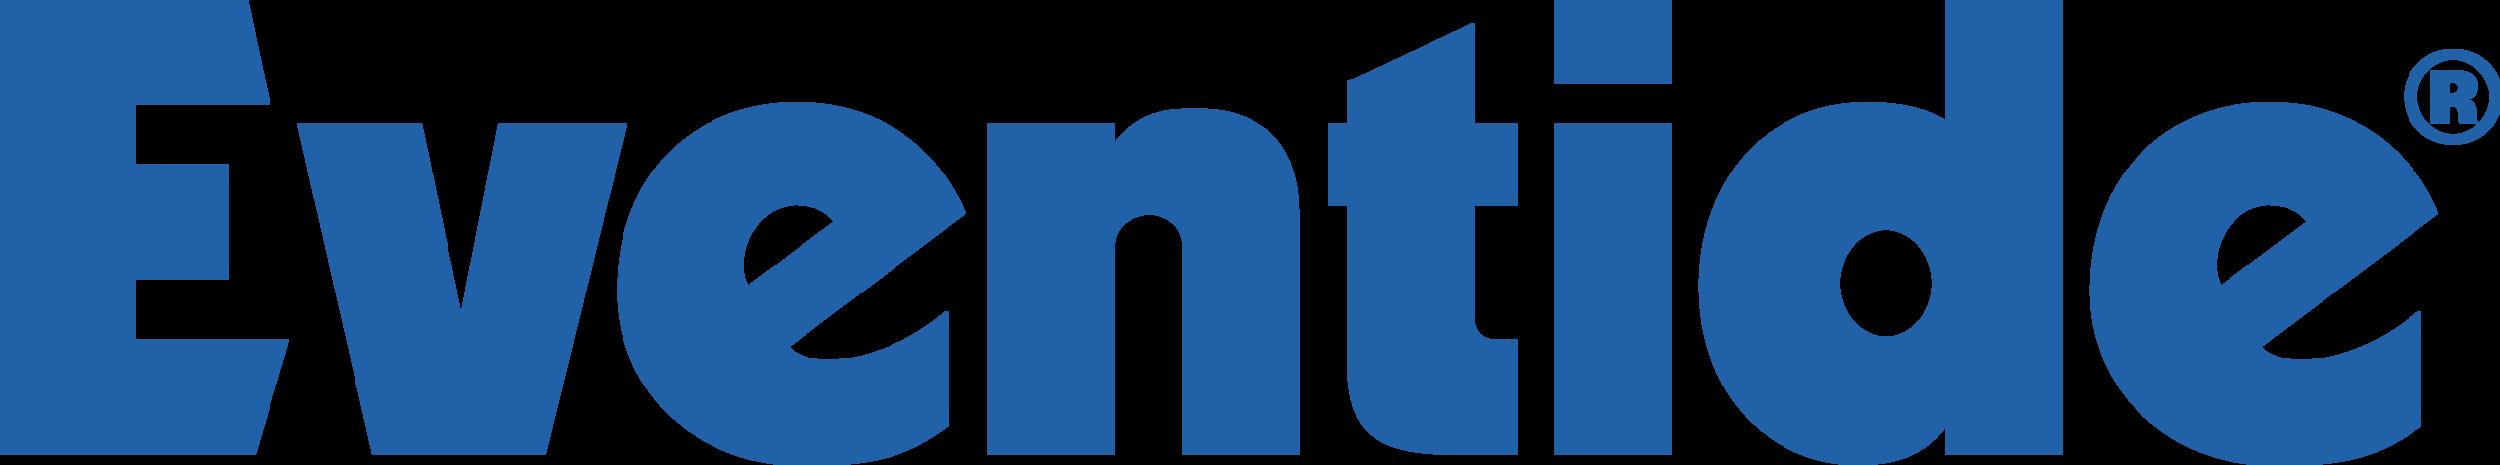 Eventide-Logo-Blue.png